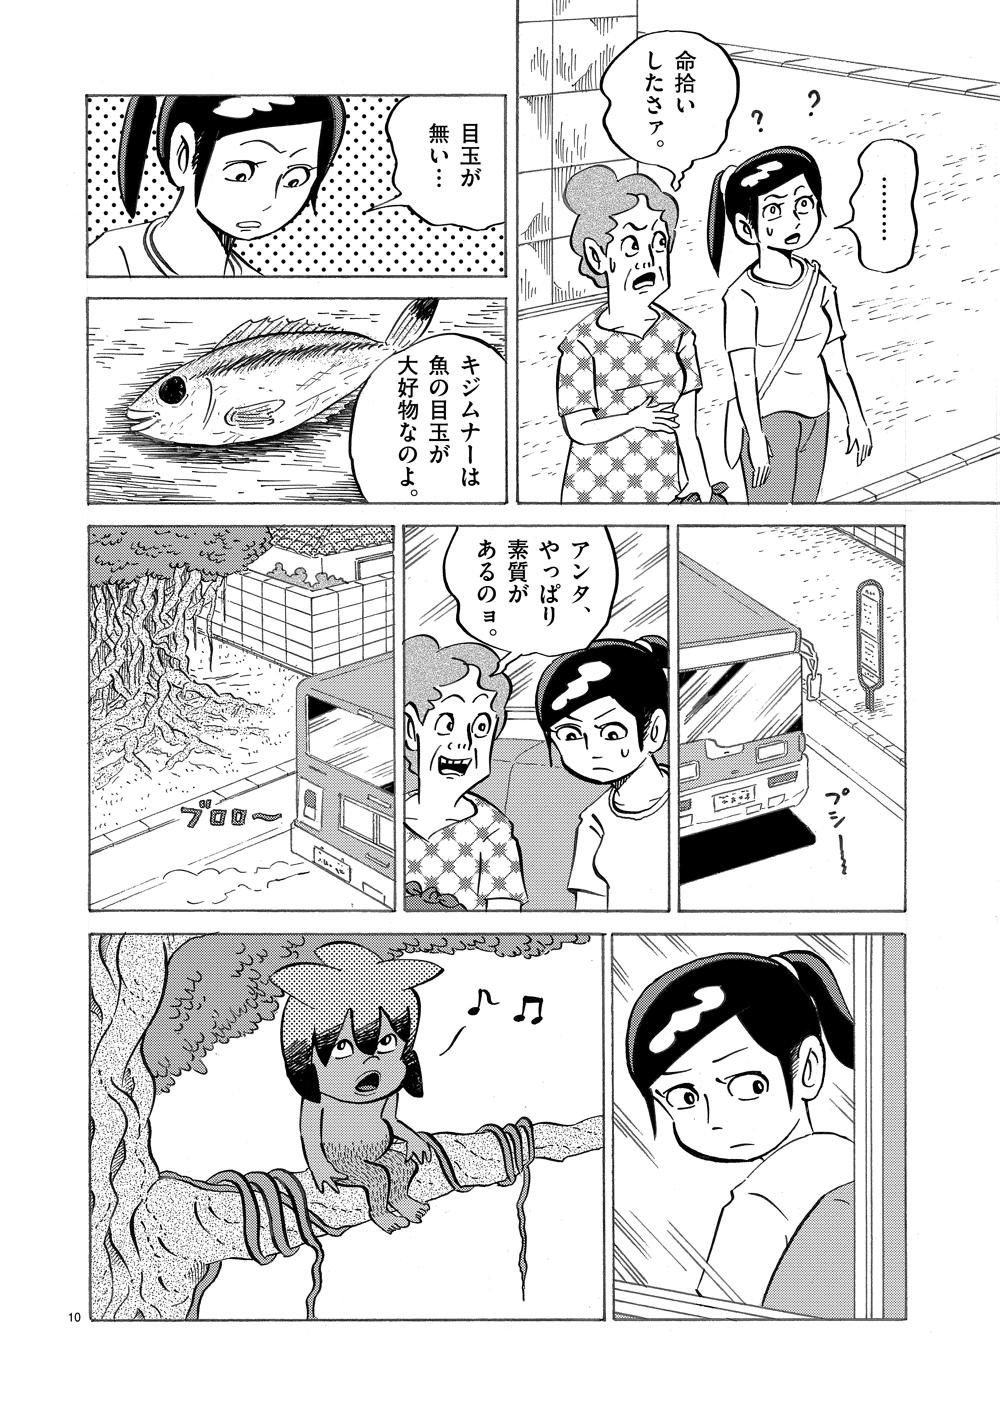 琉球怪談 【第6話】WEB掲載10ページ目画像